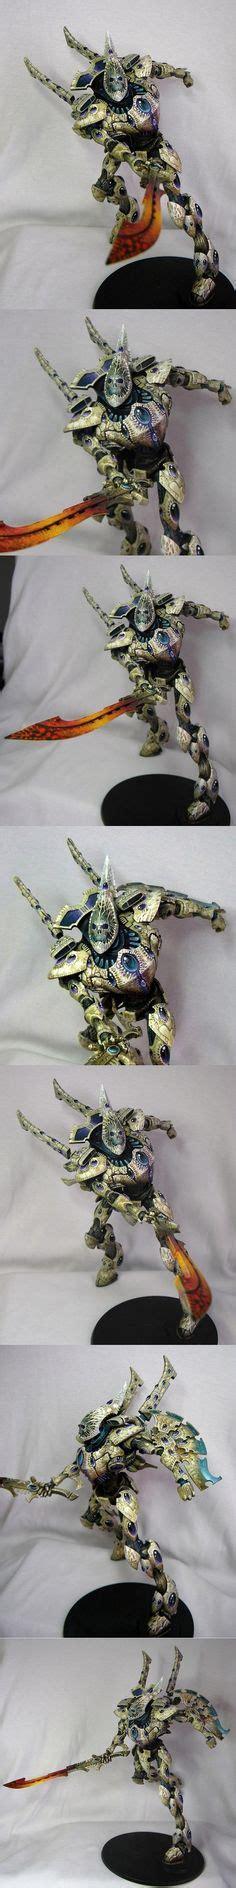 star wars x wing warhammer and warhammer 40k store star wars episode vii republic x wing starfighter concept